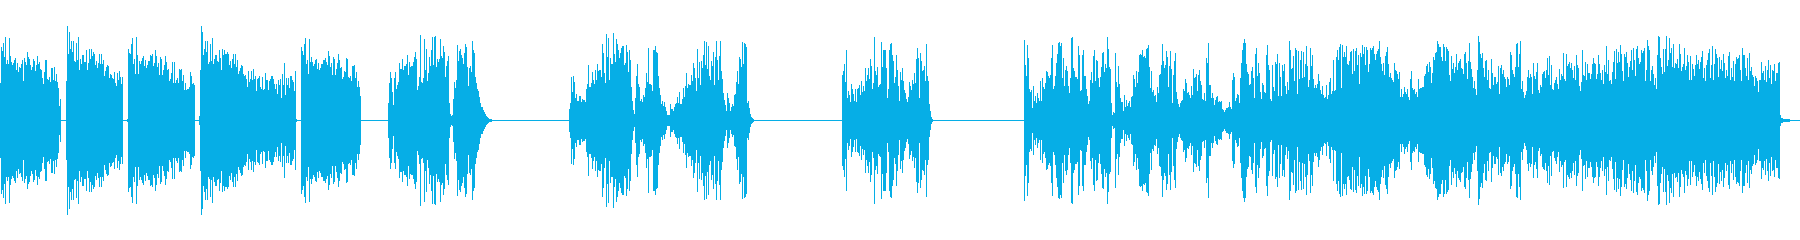 ホイッピング静的スワイプ5の再生済みの波形